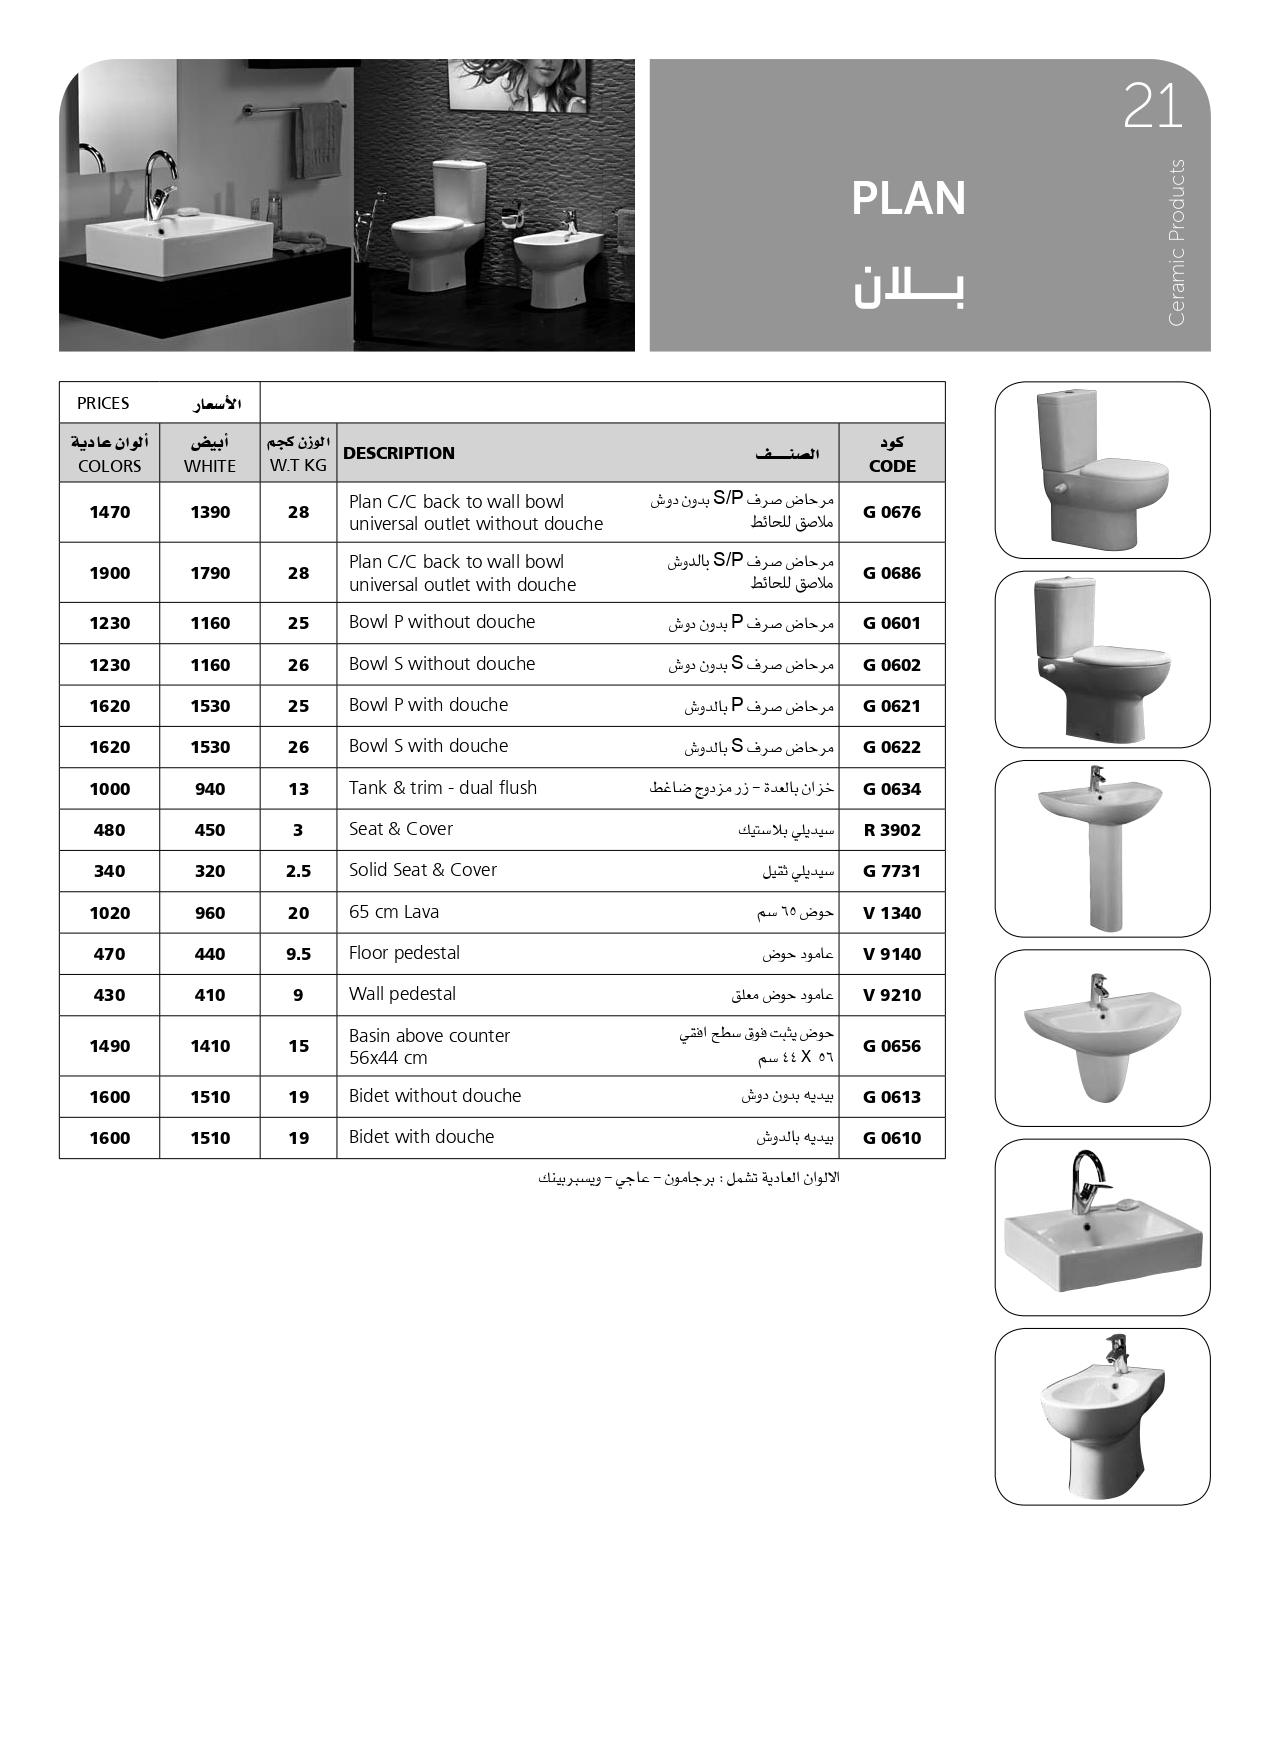 أسعار اطقم حمامات بلان ايديال ستاندرد 2020